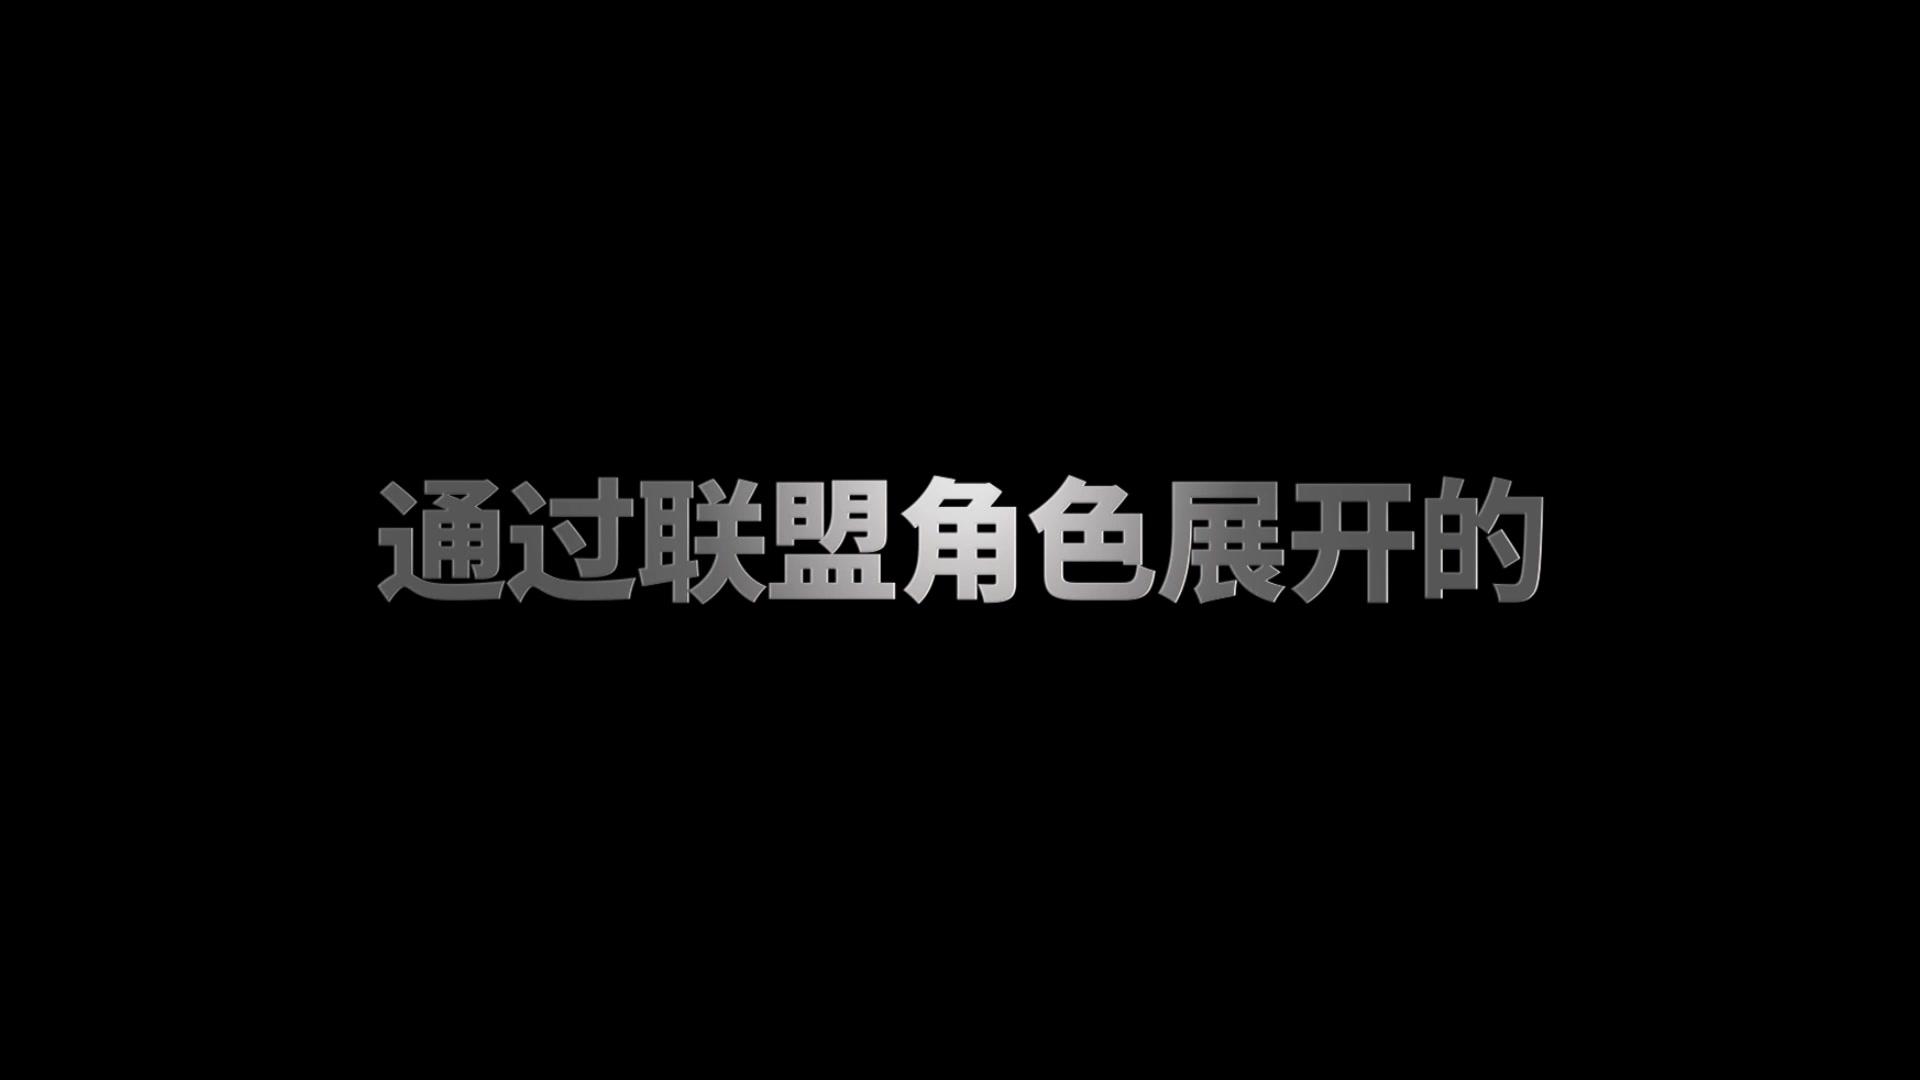 冒险岛V177【觉醒】版本即将上线,极限斗燃点燃你升级的火焰!